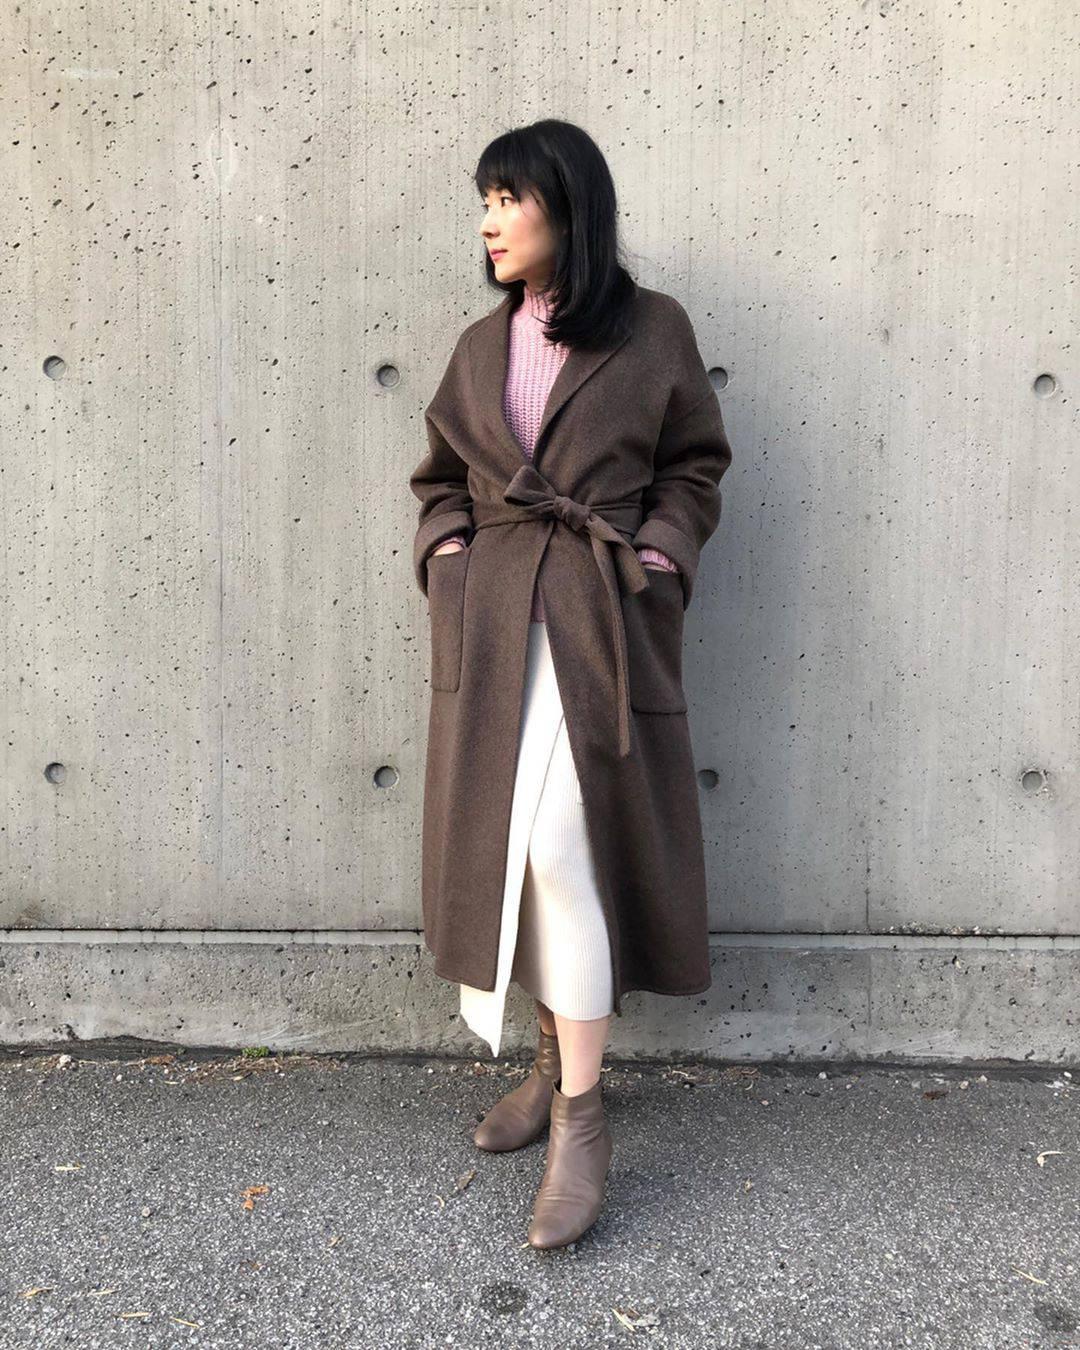 最高気温21度・最低気温9度 i.styleclosetの服装